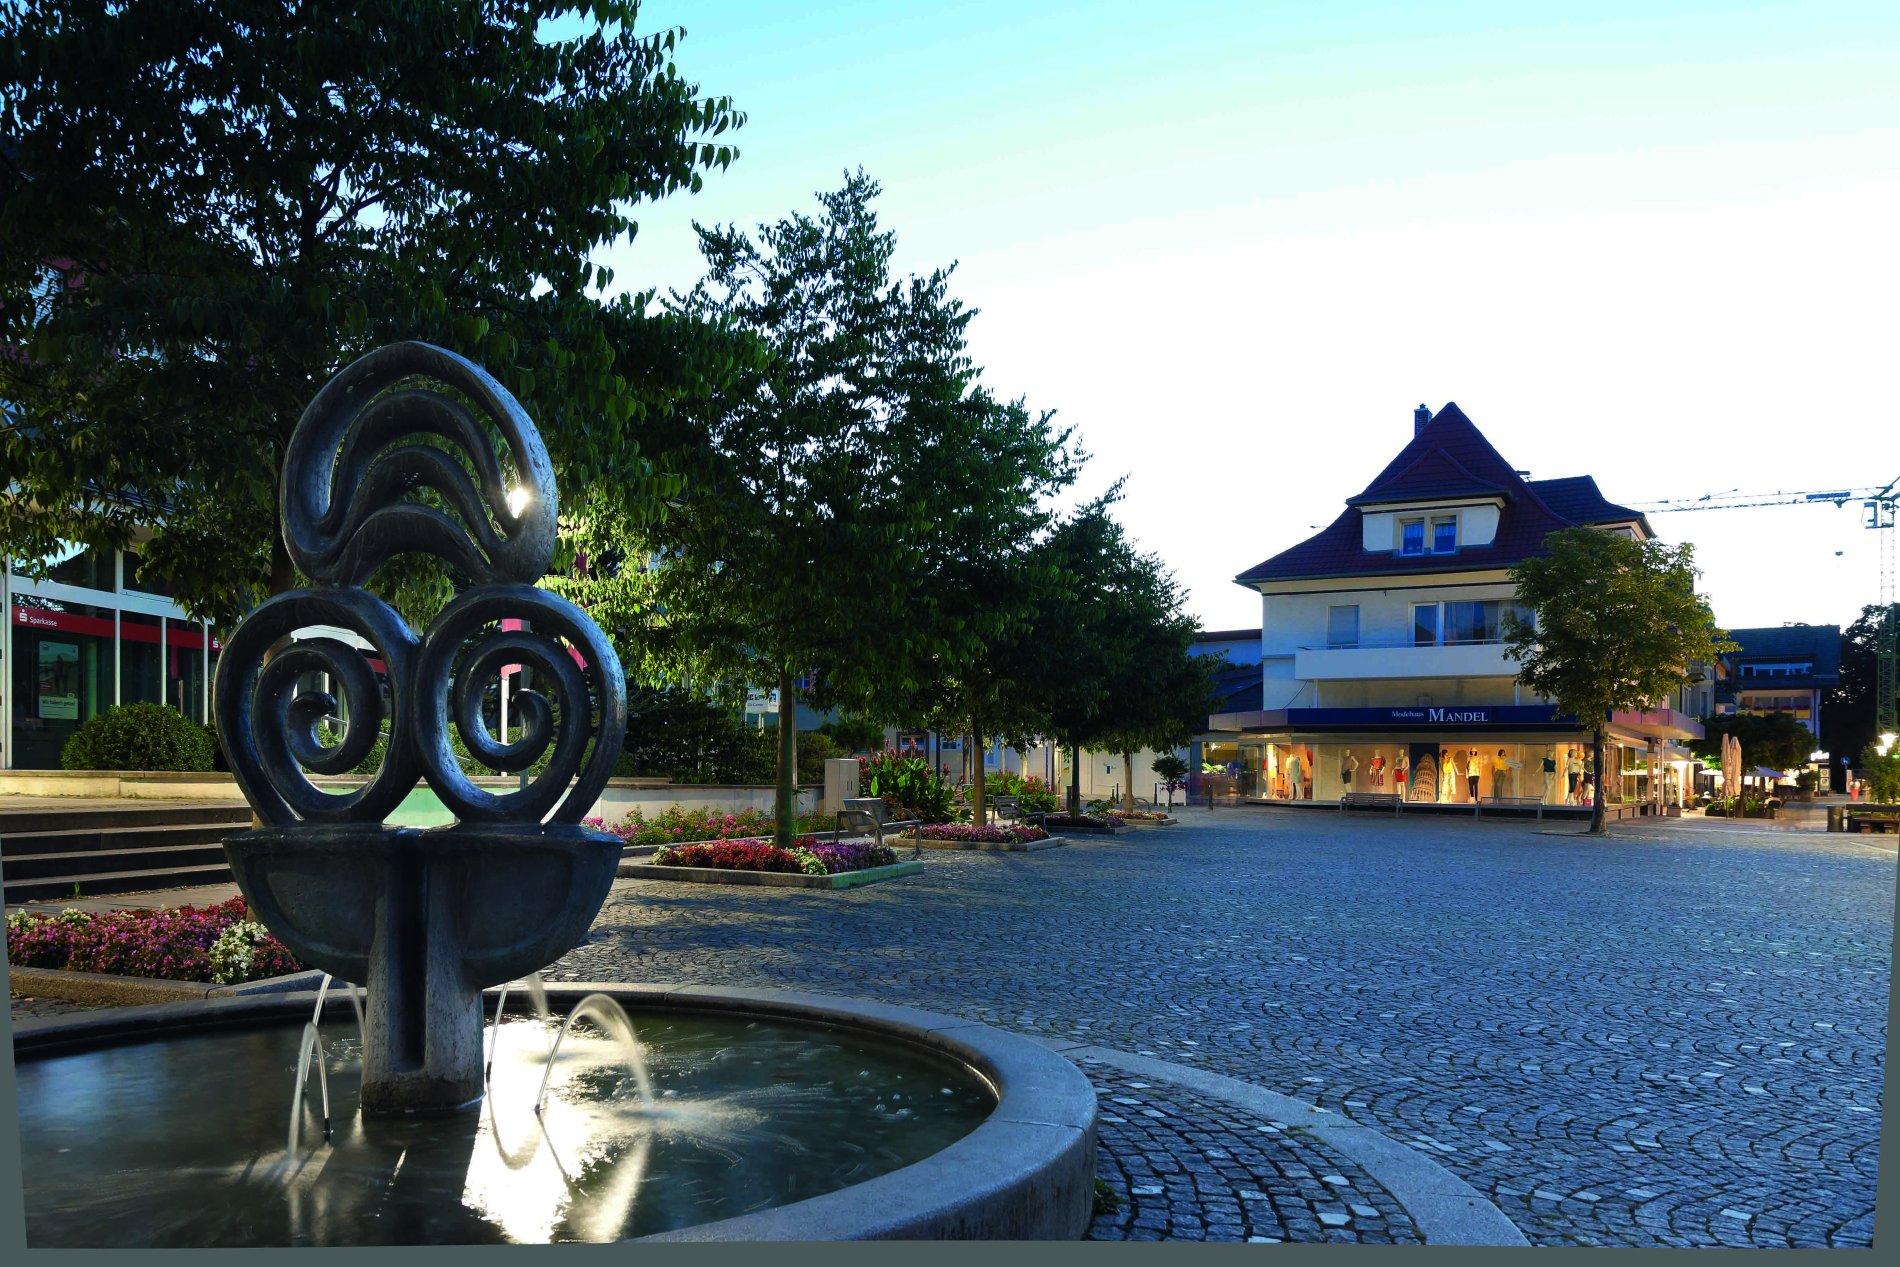 Lammplatz in Bad Krozingen